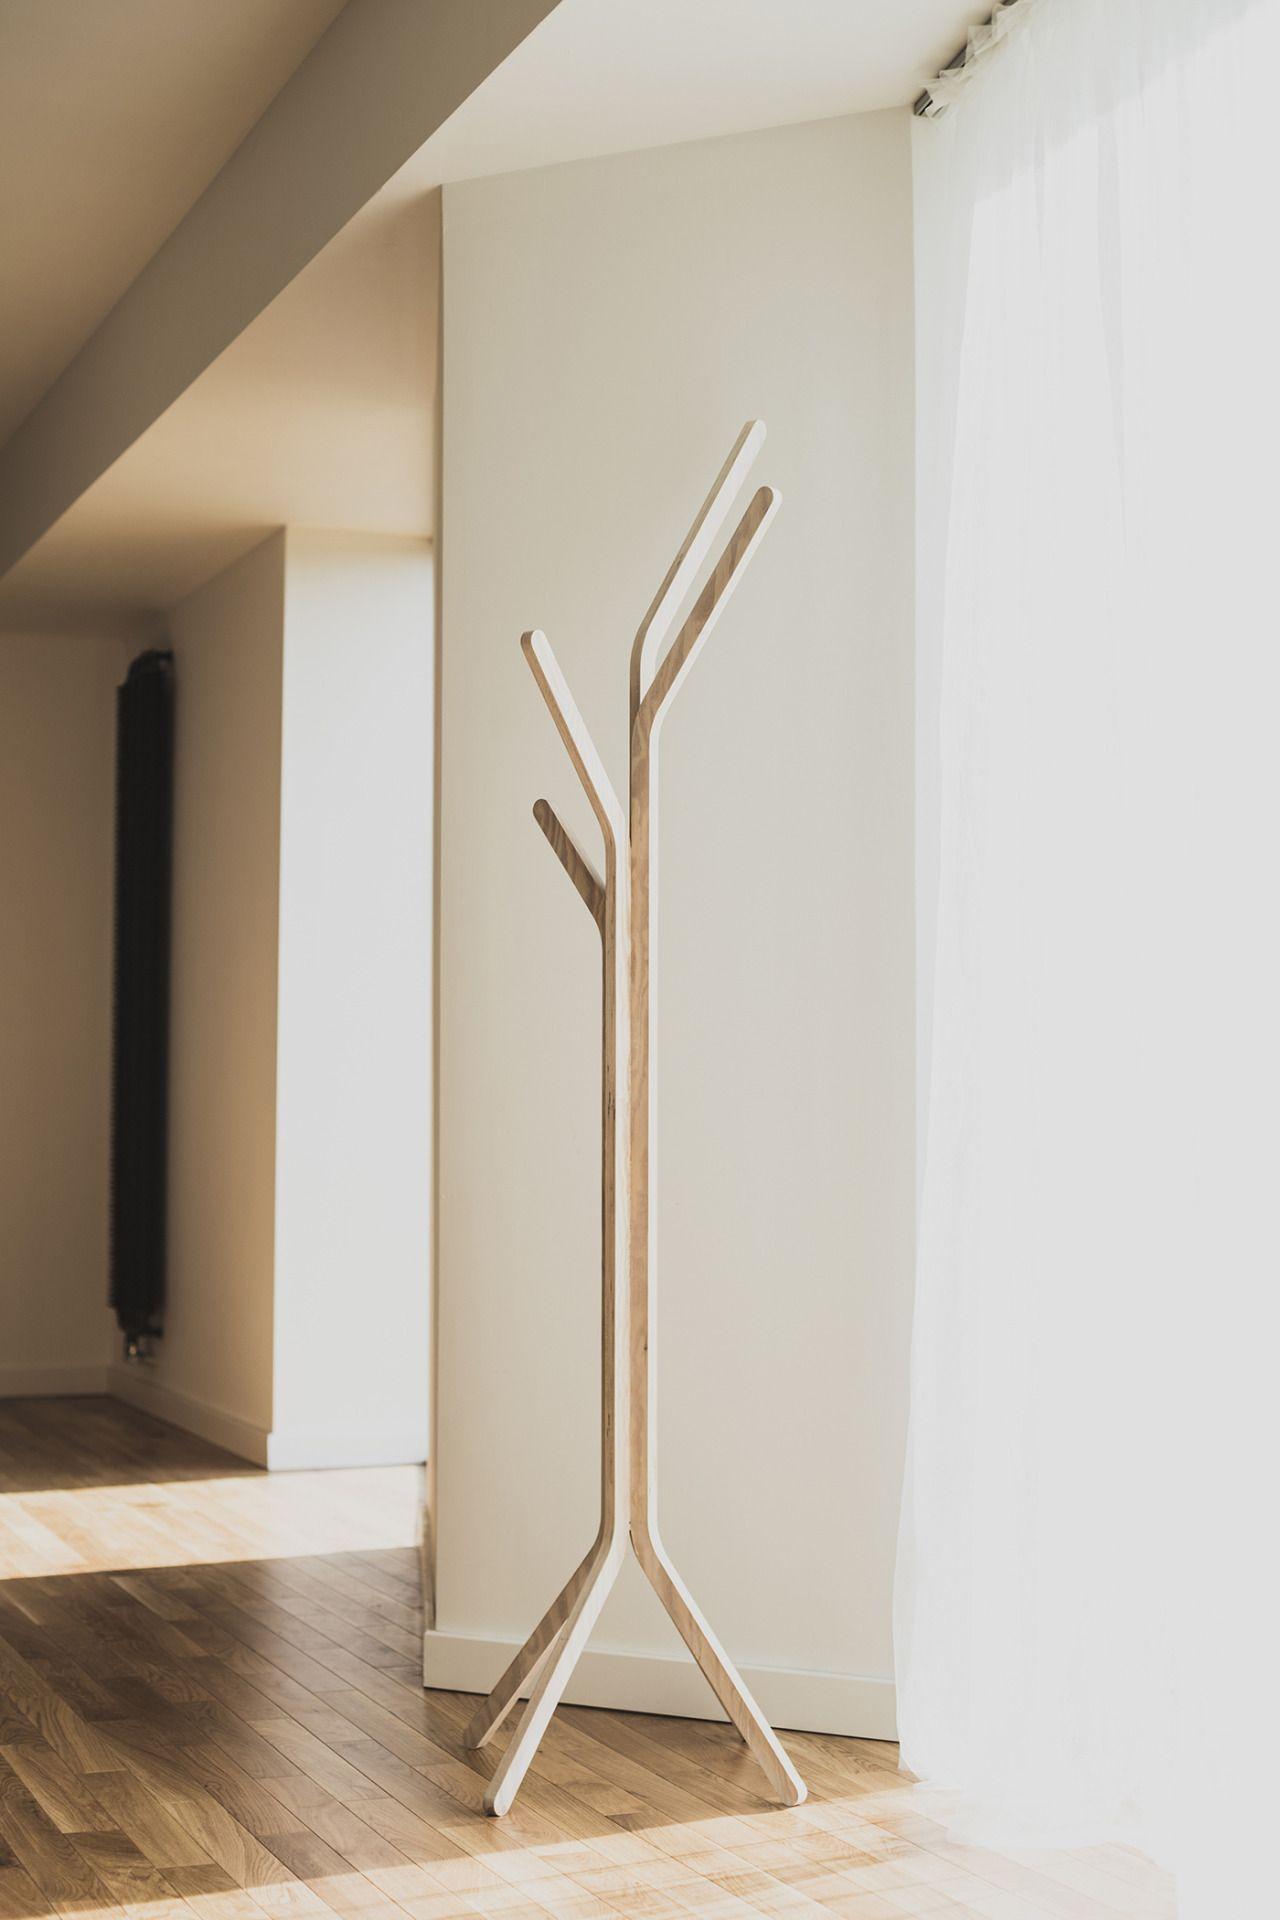 """88floors: """"LEG by Dorota Terlecka """""""